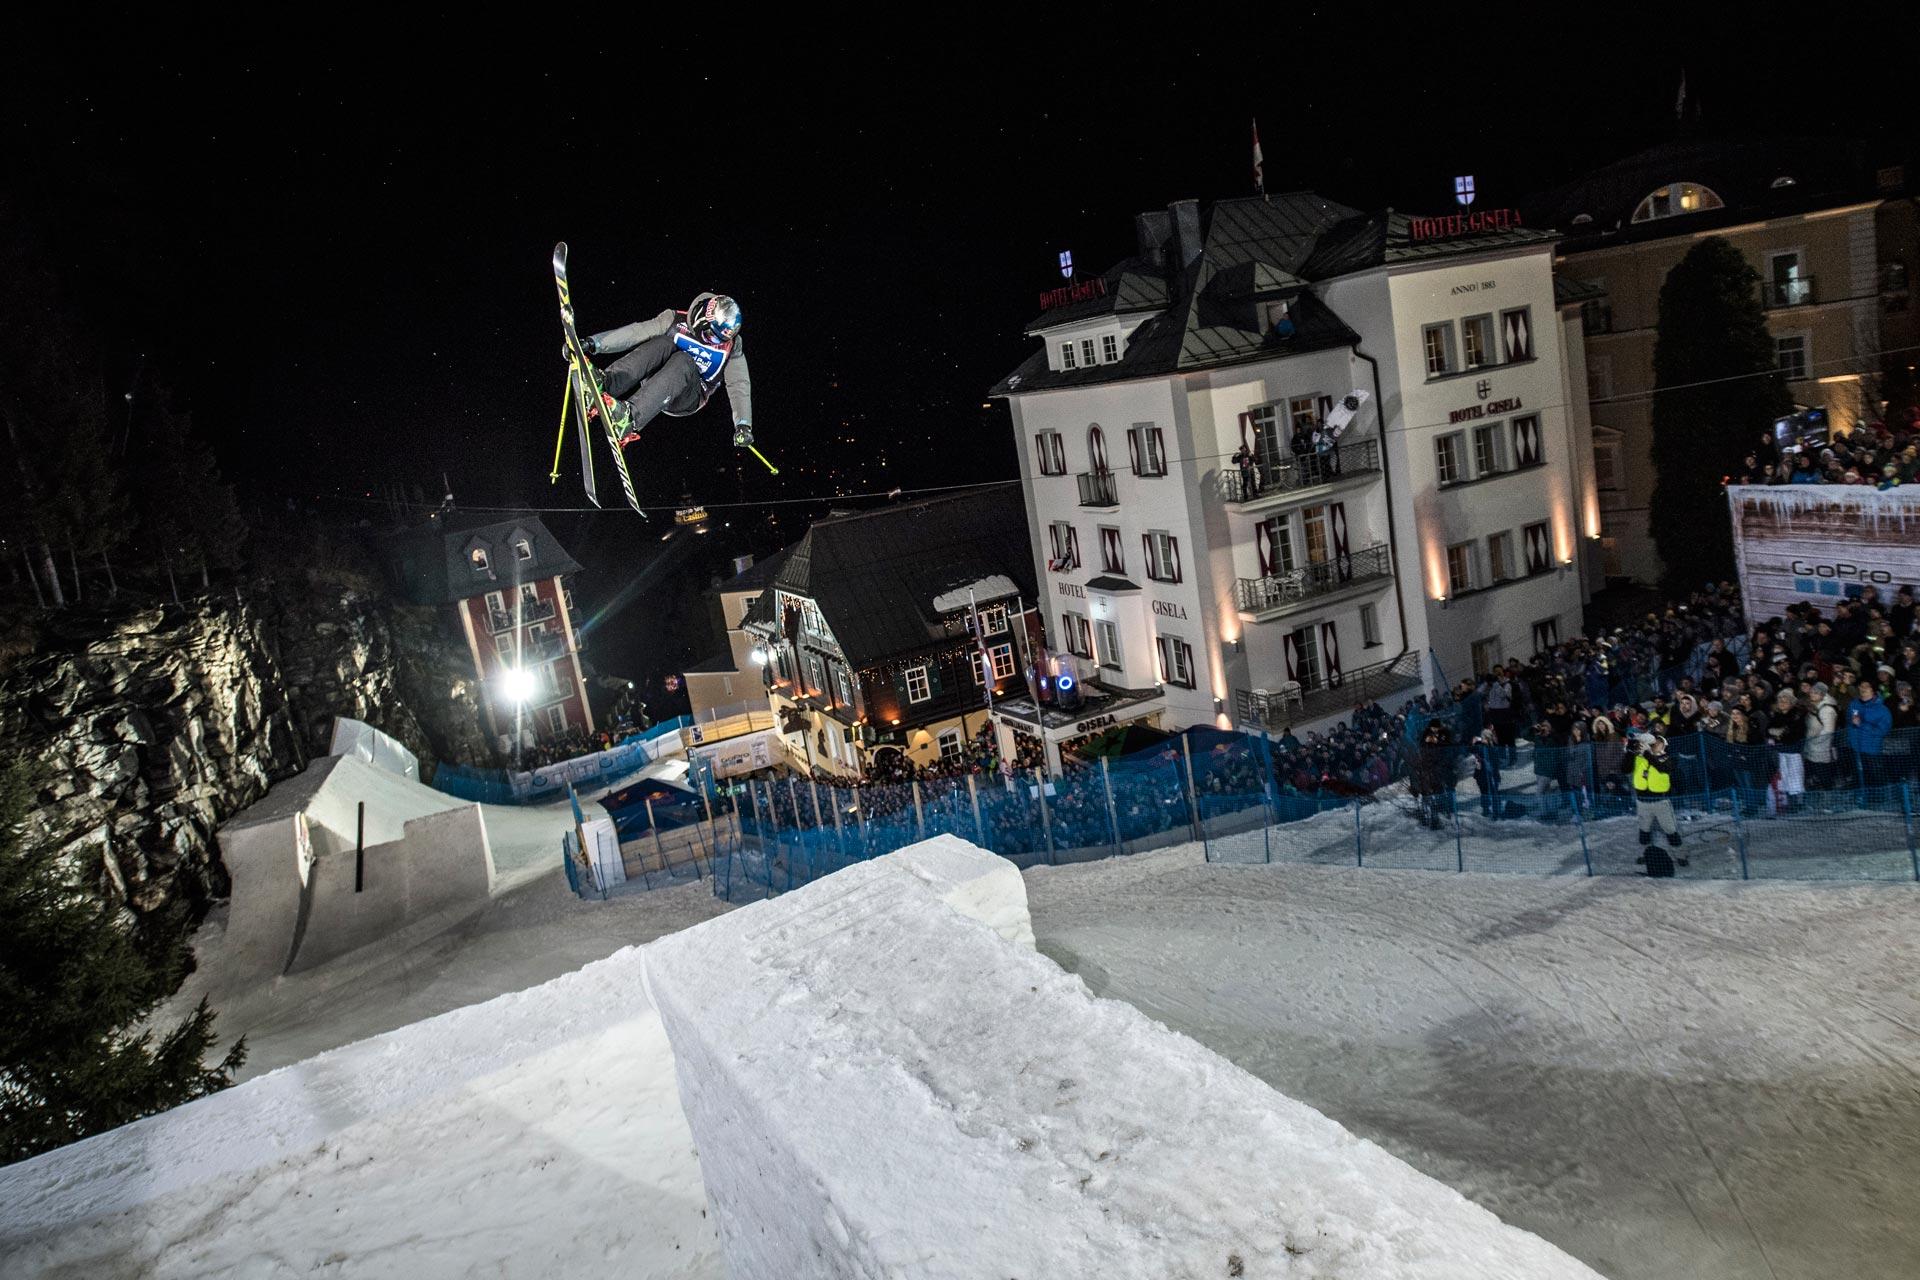 Für den einzigartigen Kurs wurden 800 LKW Ladungen Schnee nach Bad Gastein gebracht. Schneestern baute daraus diverse anspruchsvolle Features, mit denen das internationale Fahrerfeld hart zu kämpfen hatte. - Rider: Russ Henshaw - Foto: Red Bull Content Pool